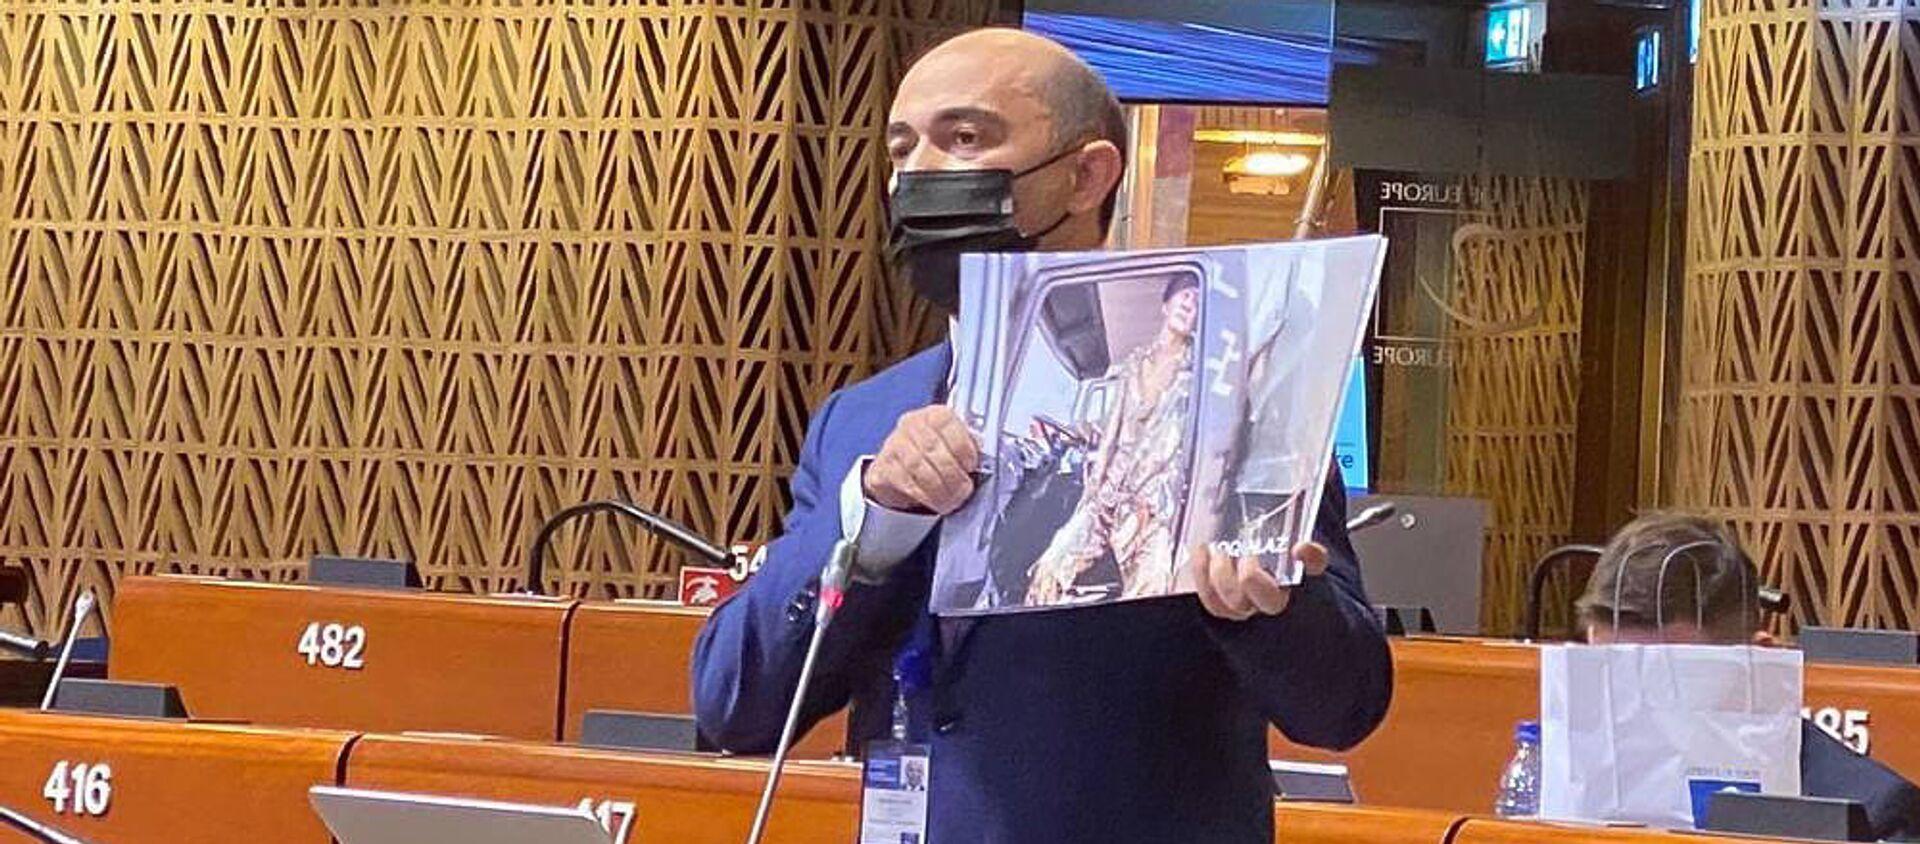 Депутат Эдмон Марукян демонстрирует кадры с Парка военных трофеев в Баку во время Заседания ПАСЕ (19 апреля 2021). Страсбург - Sputnik Արմենիա, 1920, 19.04.2021